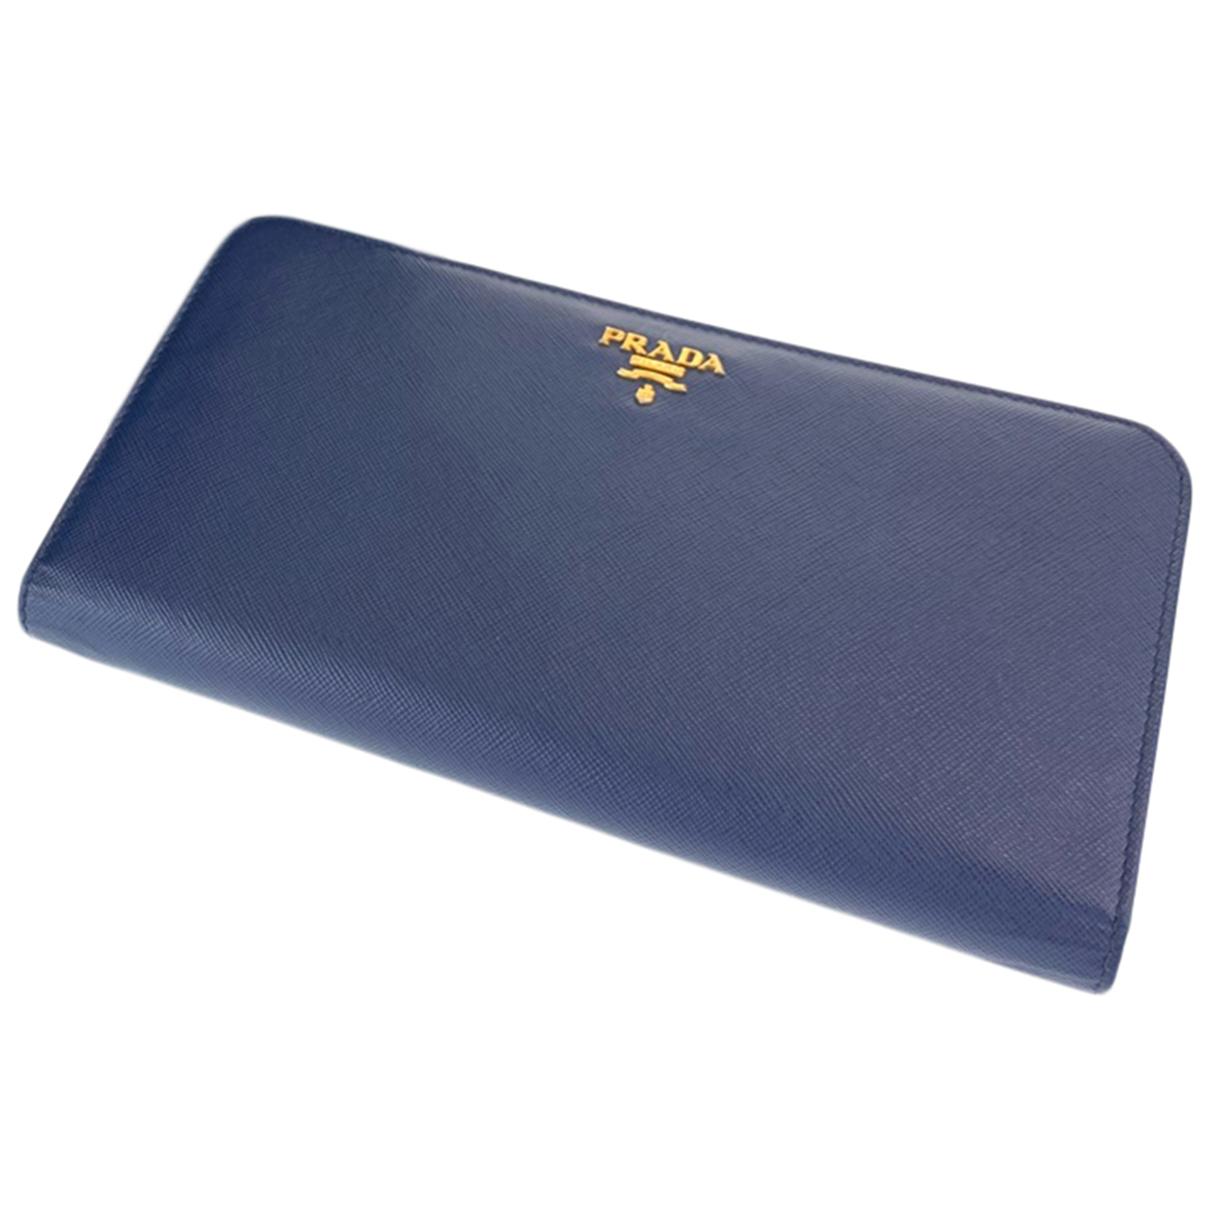 Prada - Portefeuille   pour femme en cuir